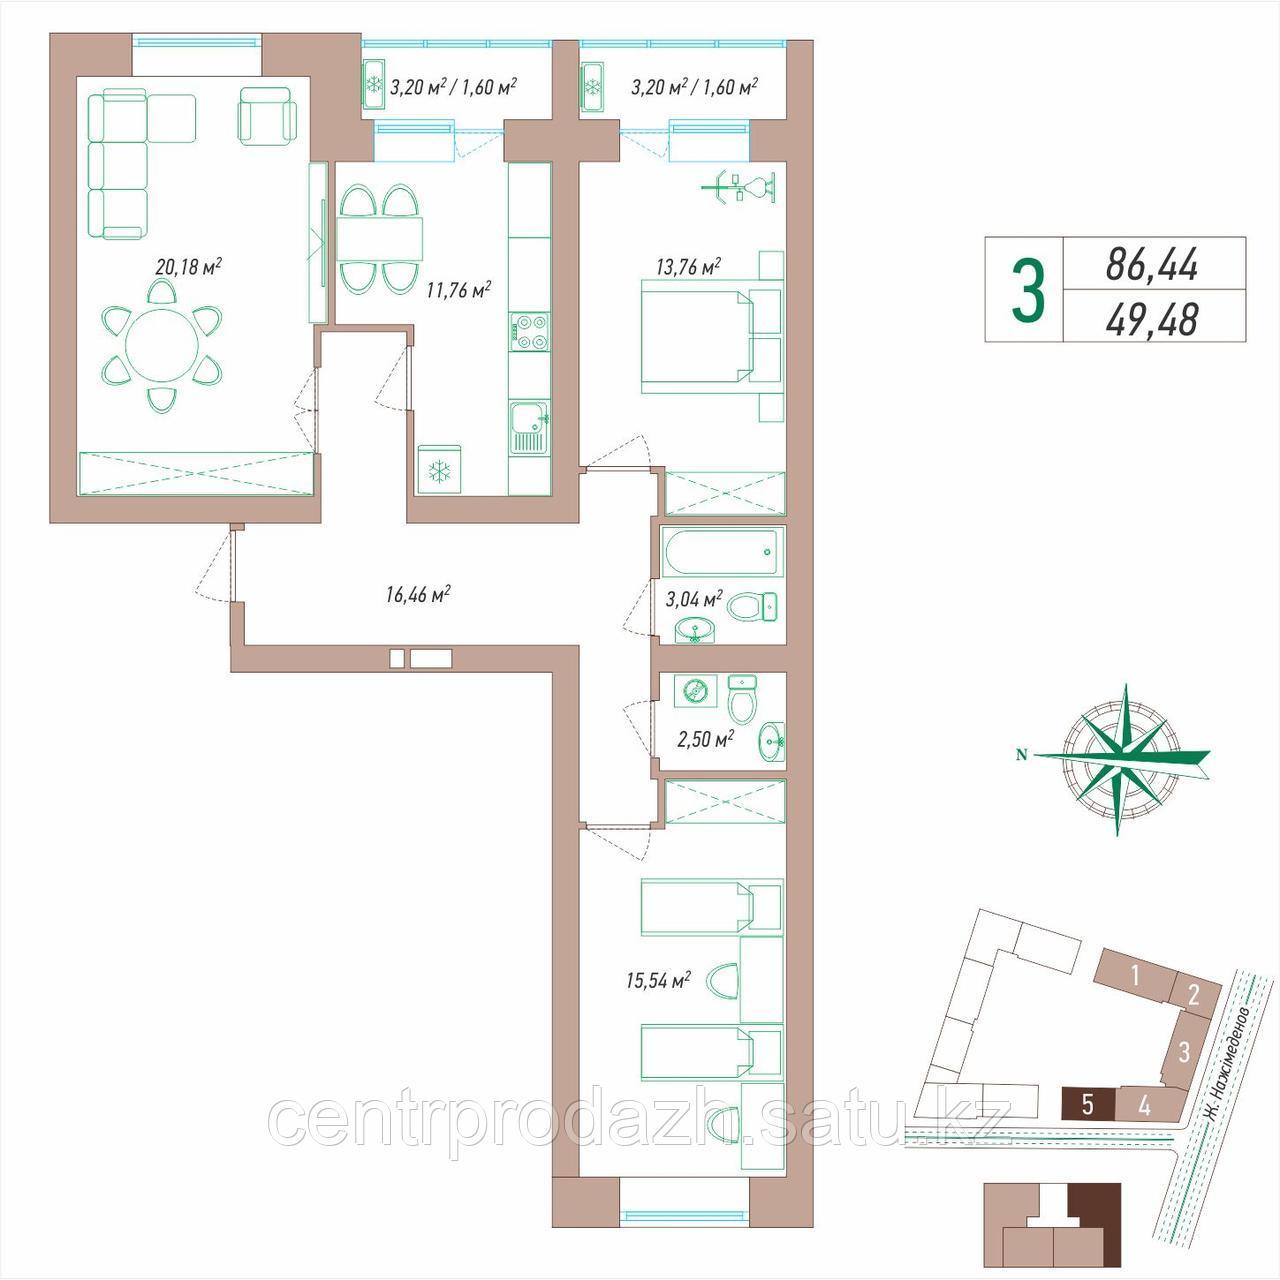 3 комнатная квартира 86.44 м²